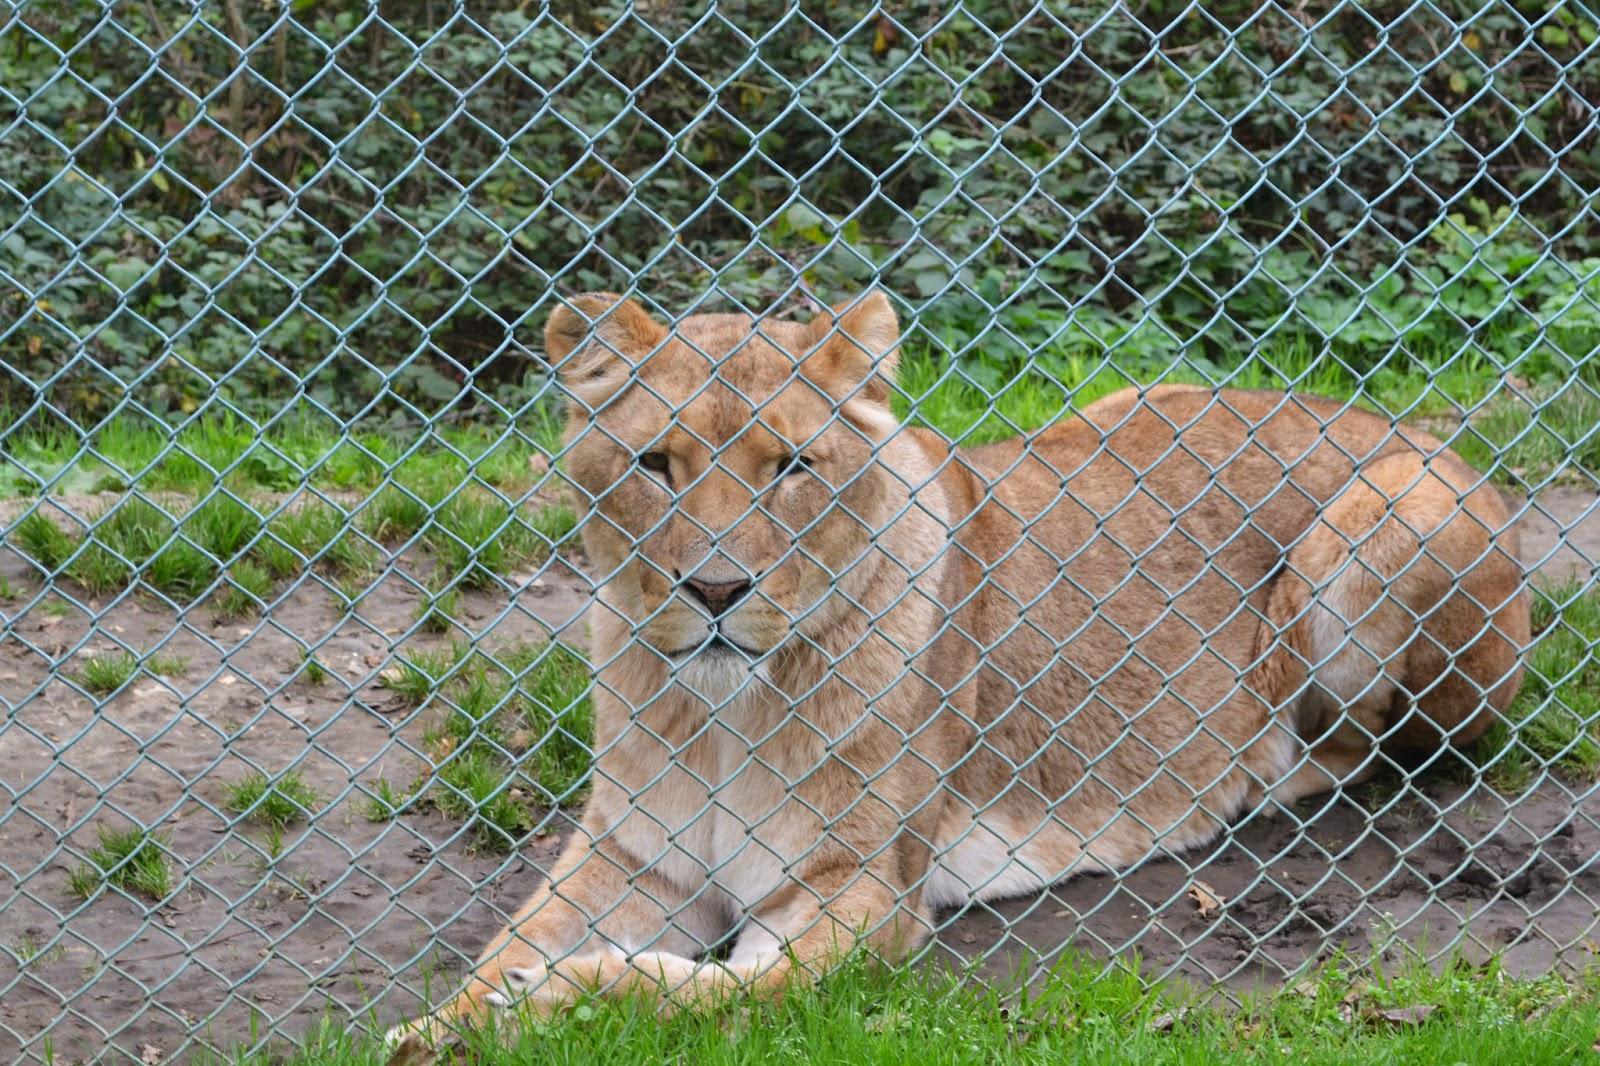 Africa Alive Lion